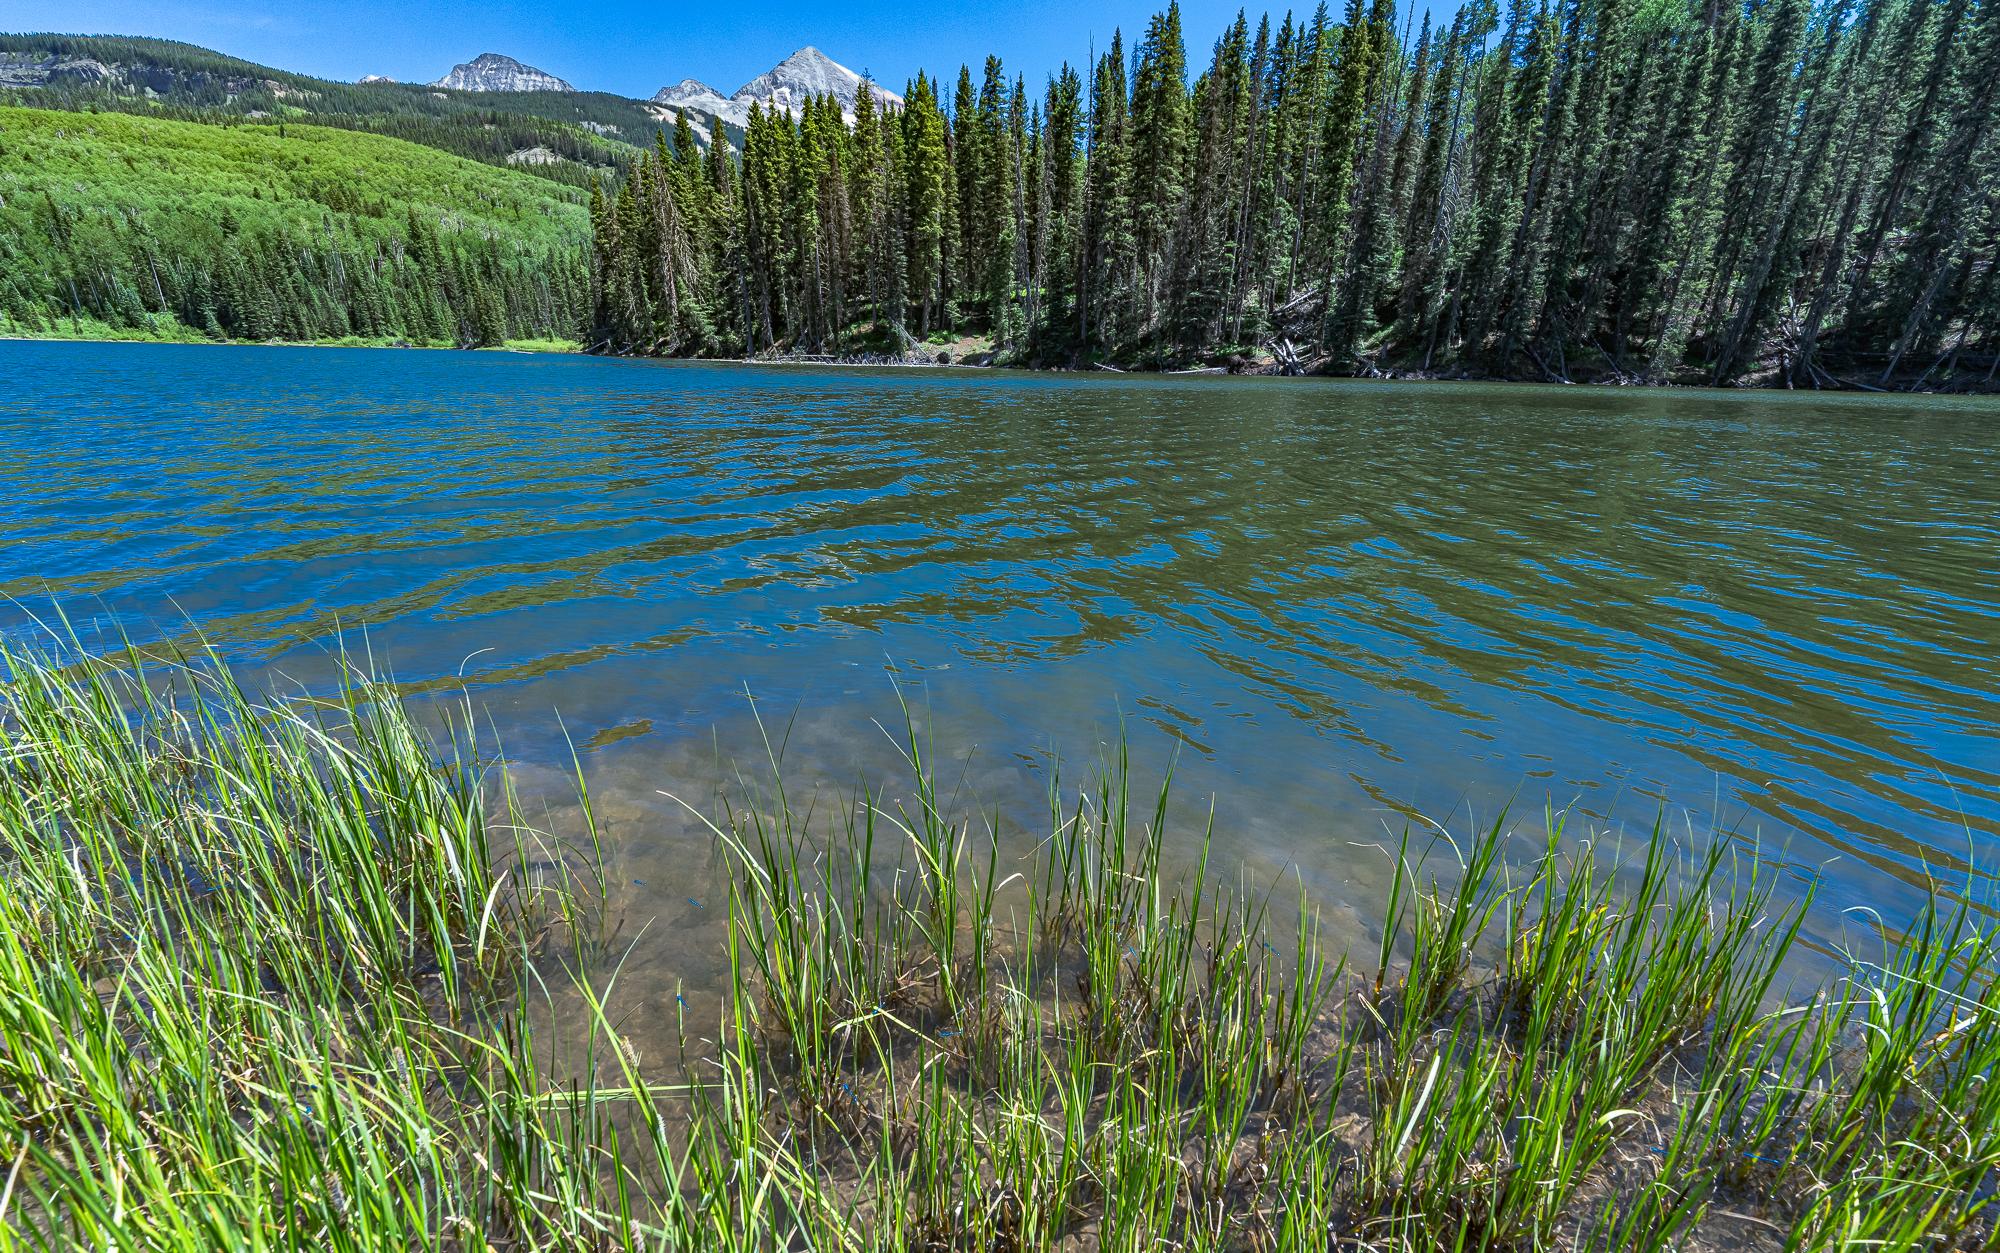 Damselflies at lake's edge, Woods Lake, CO